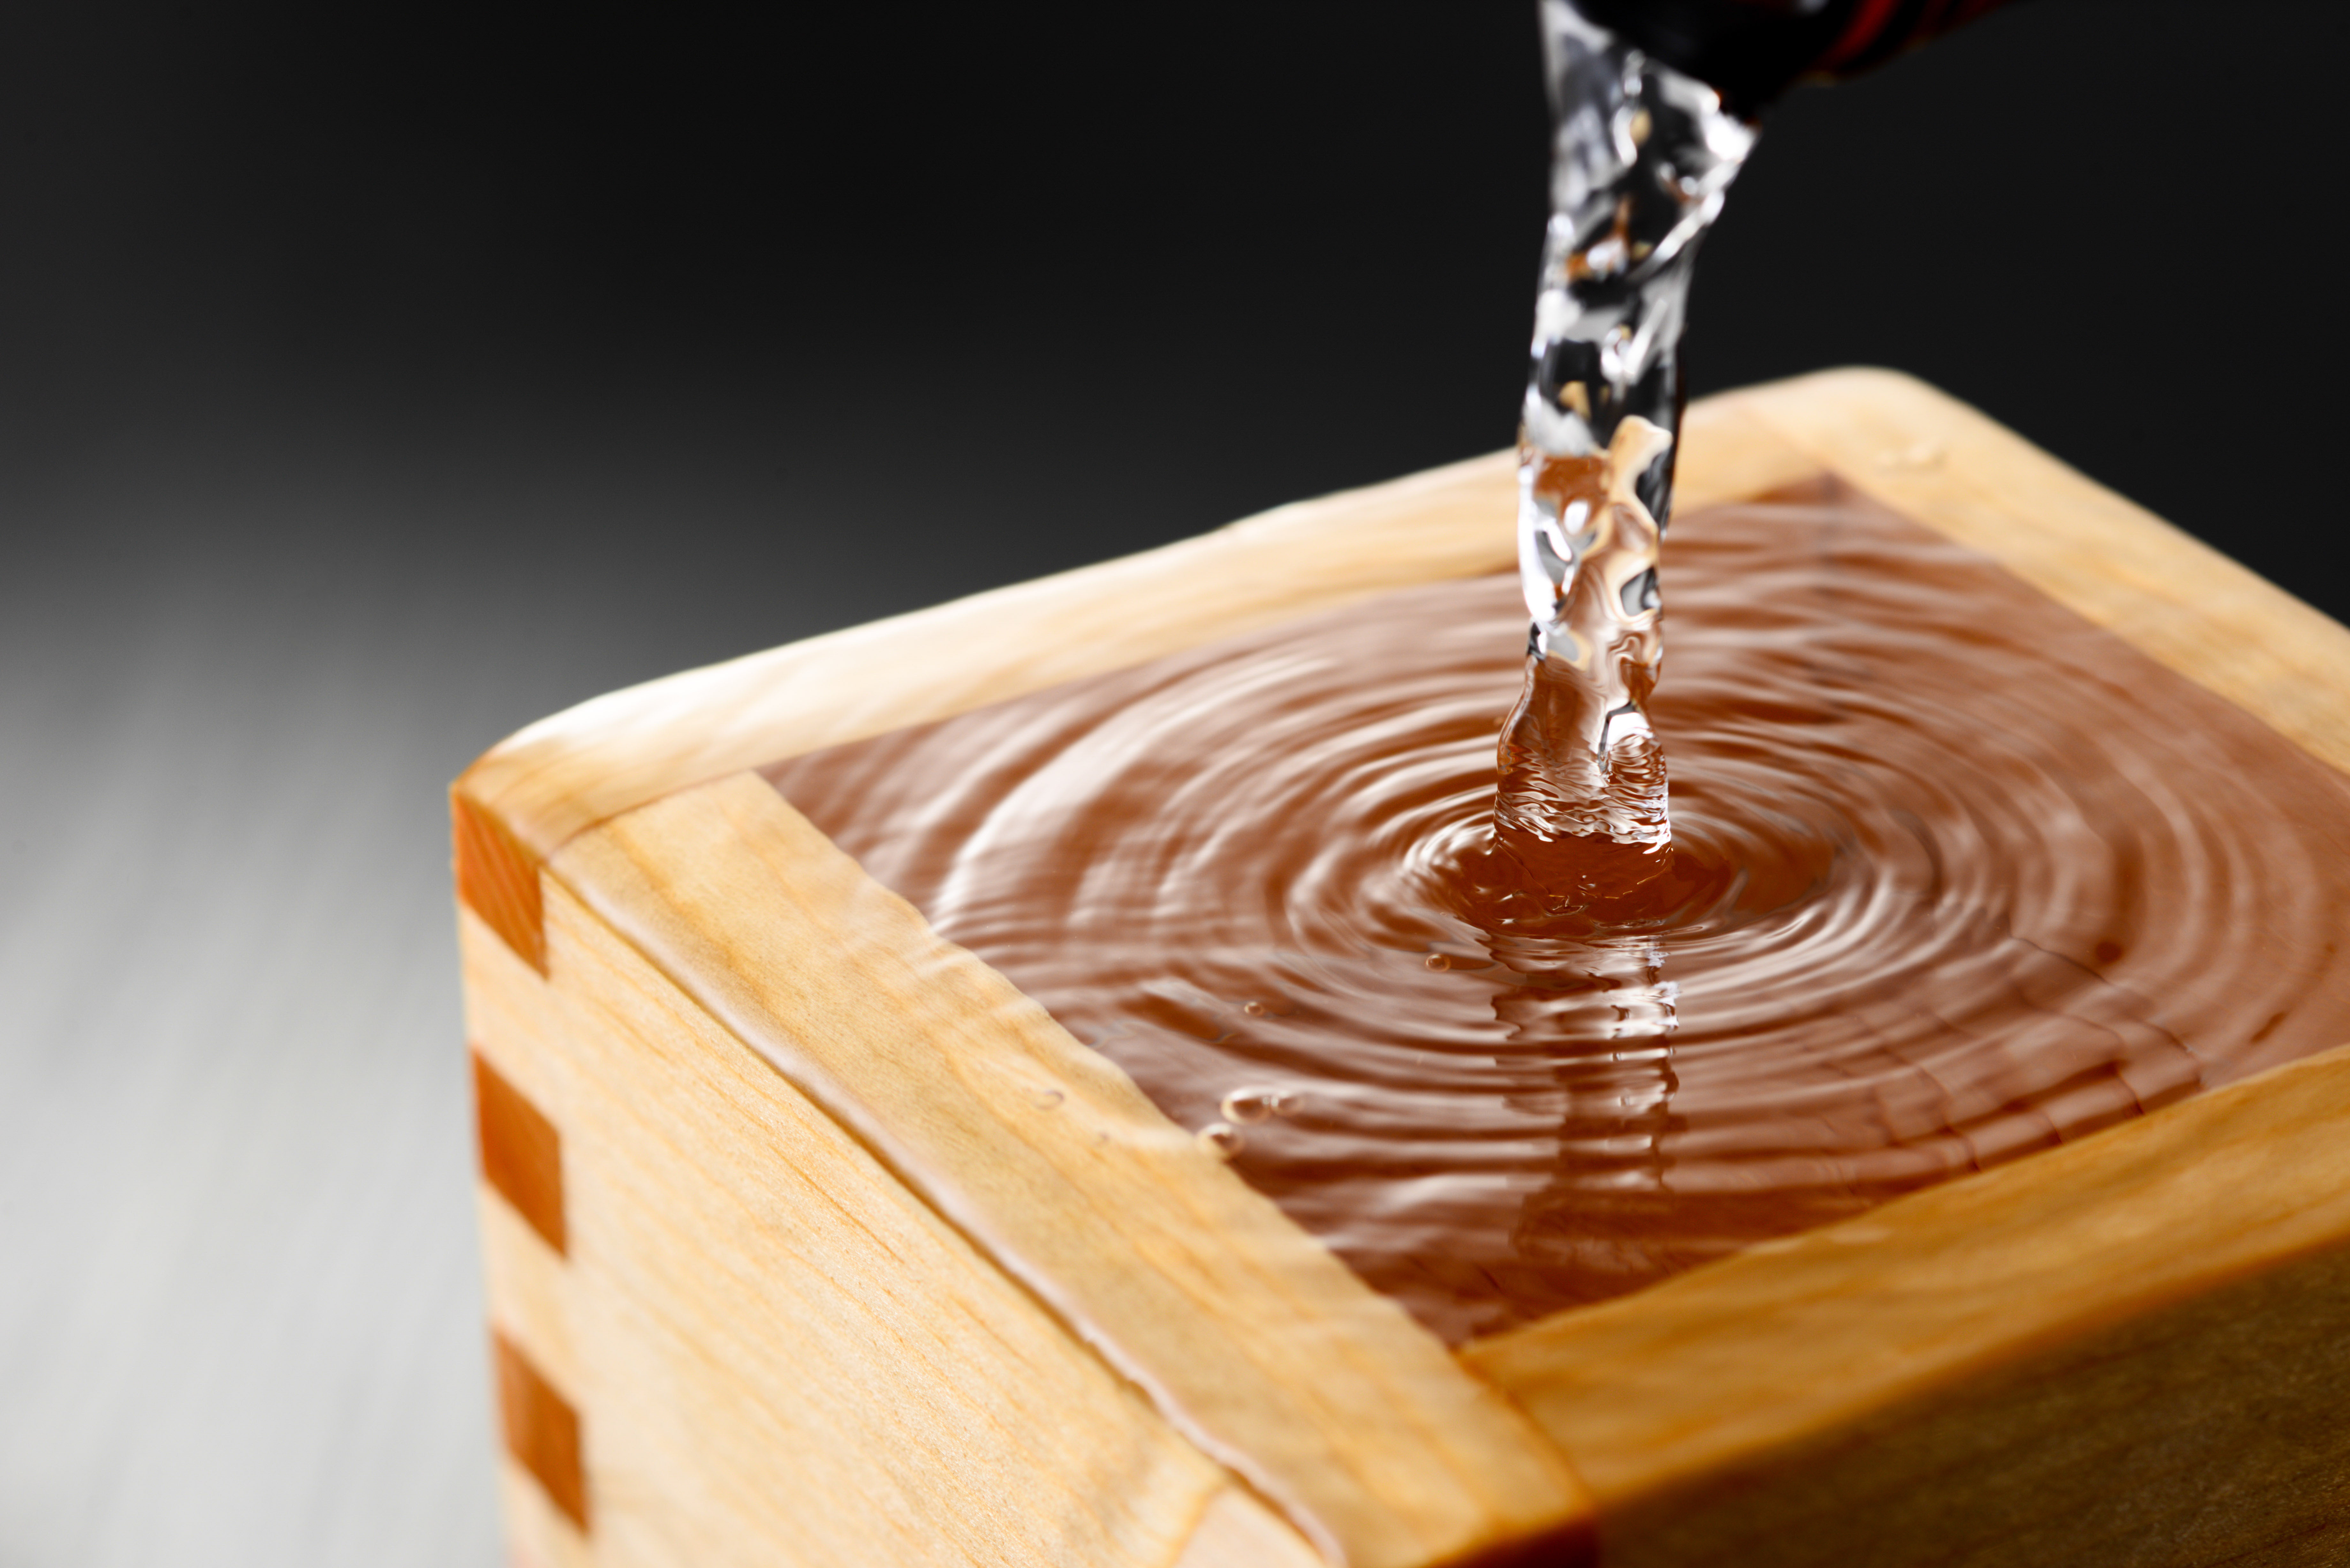 清酒保存指南 -清酒的保存期限和方法